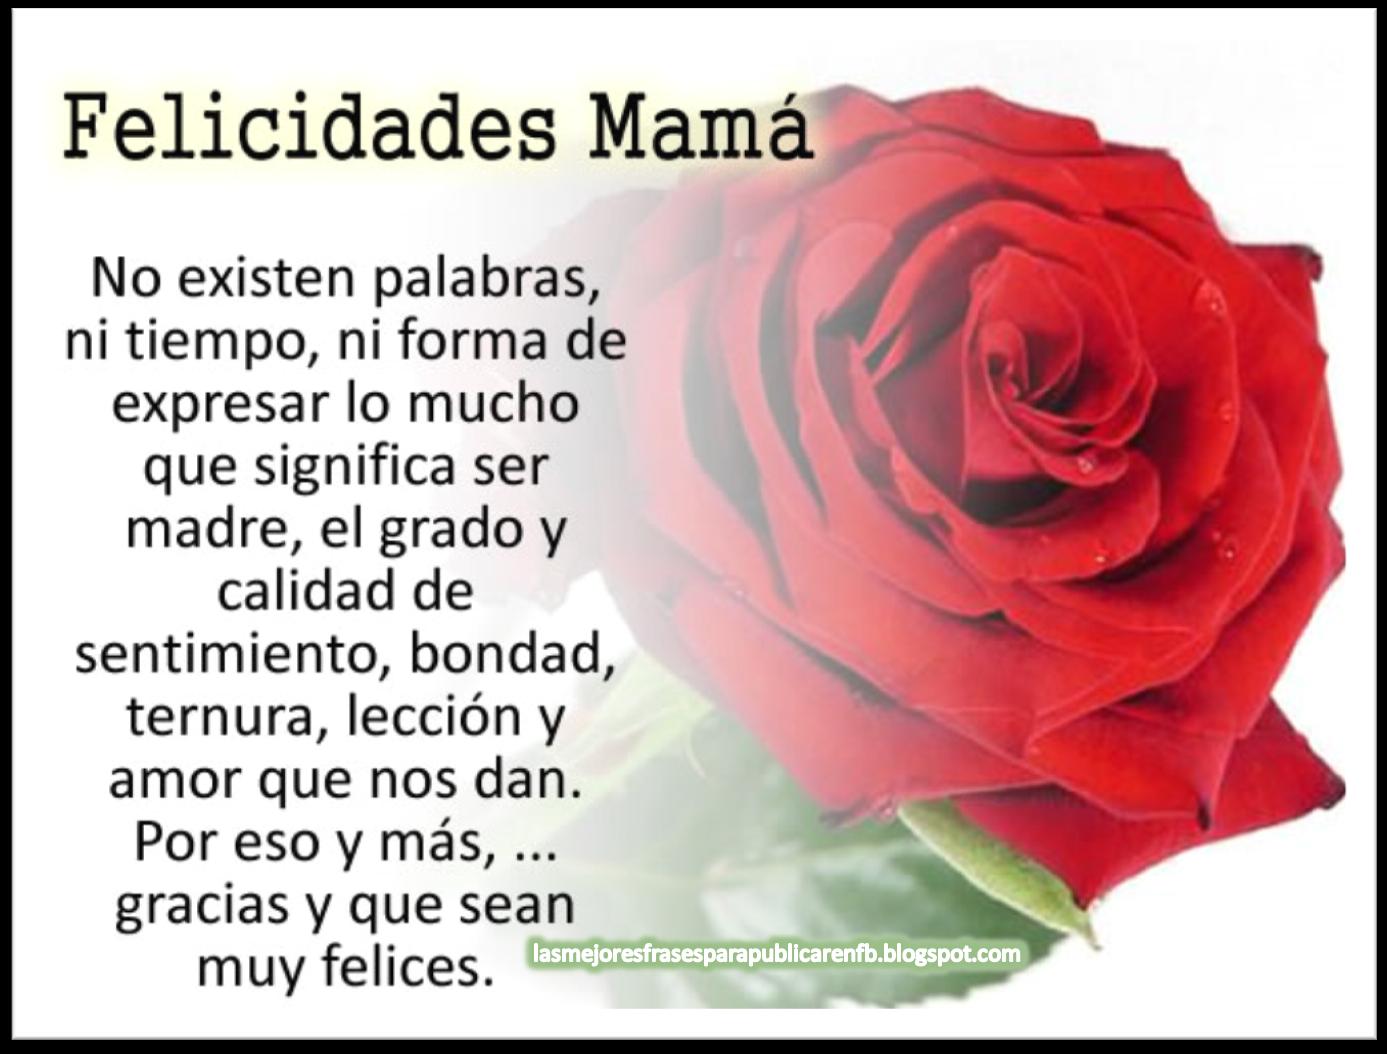 Frases Para Cumpleaños De Mamá: No Existen Palabras Ni Tiempo Ni Forma De Expresar